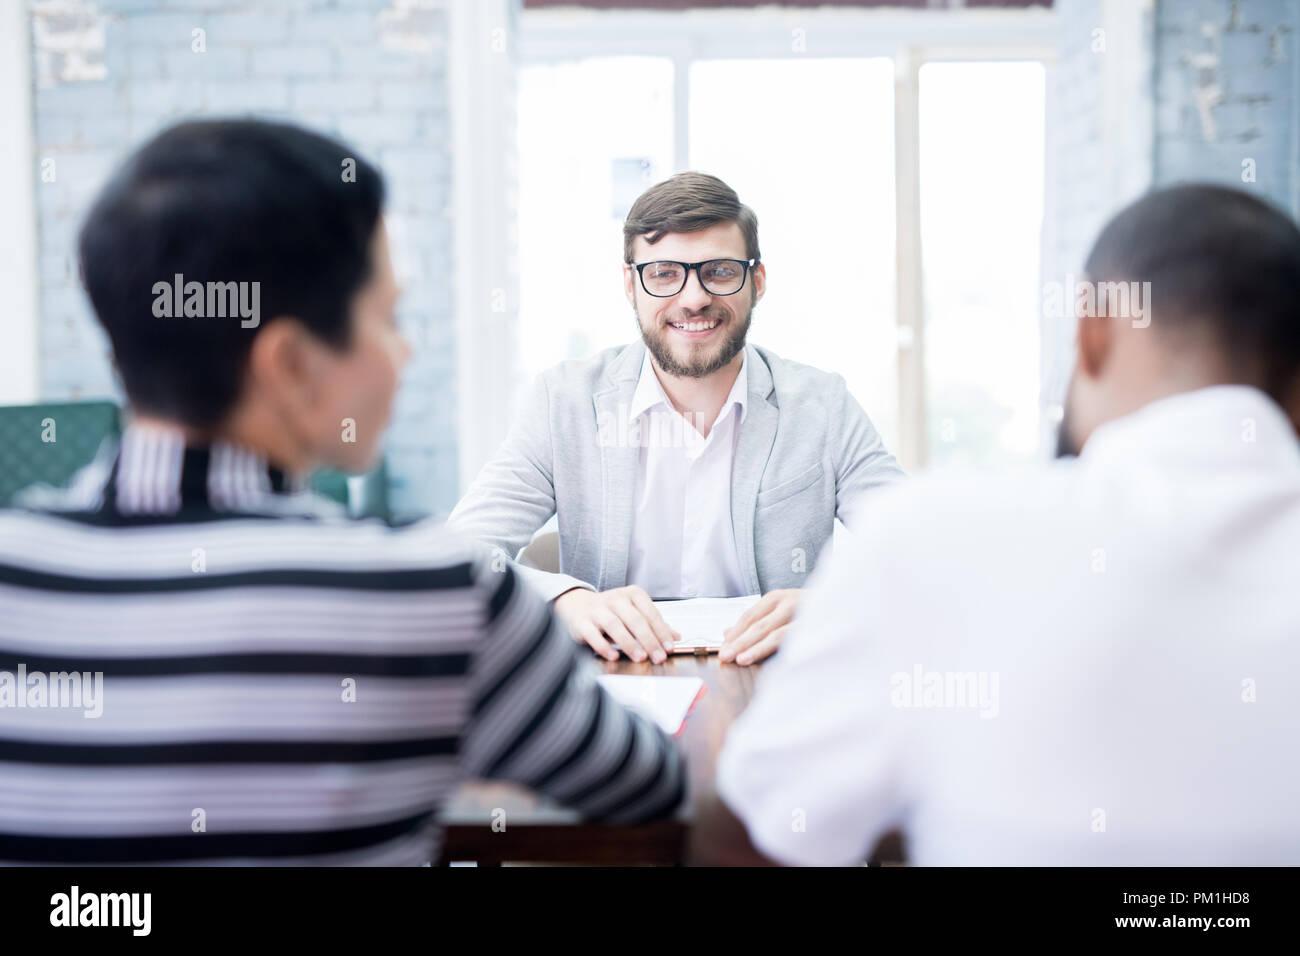 Demandeur d'emploi avoir une entrevue Photo Stock